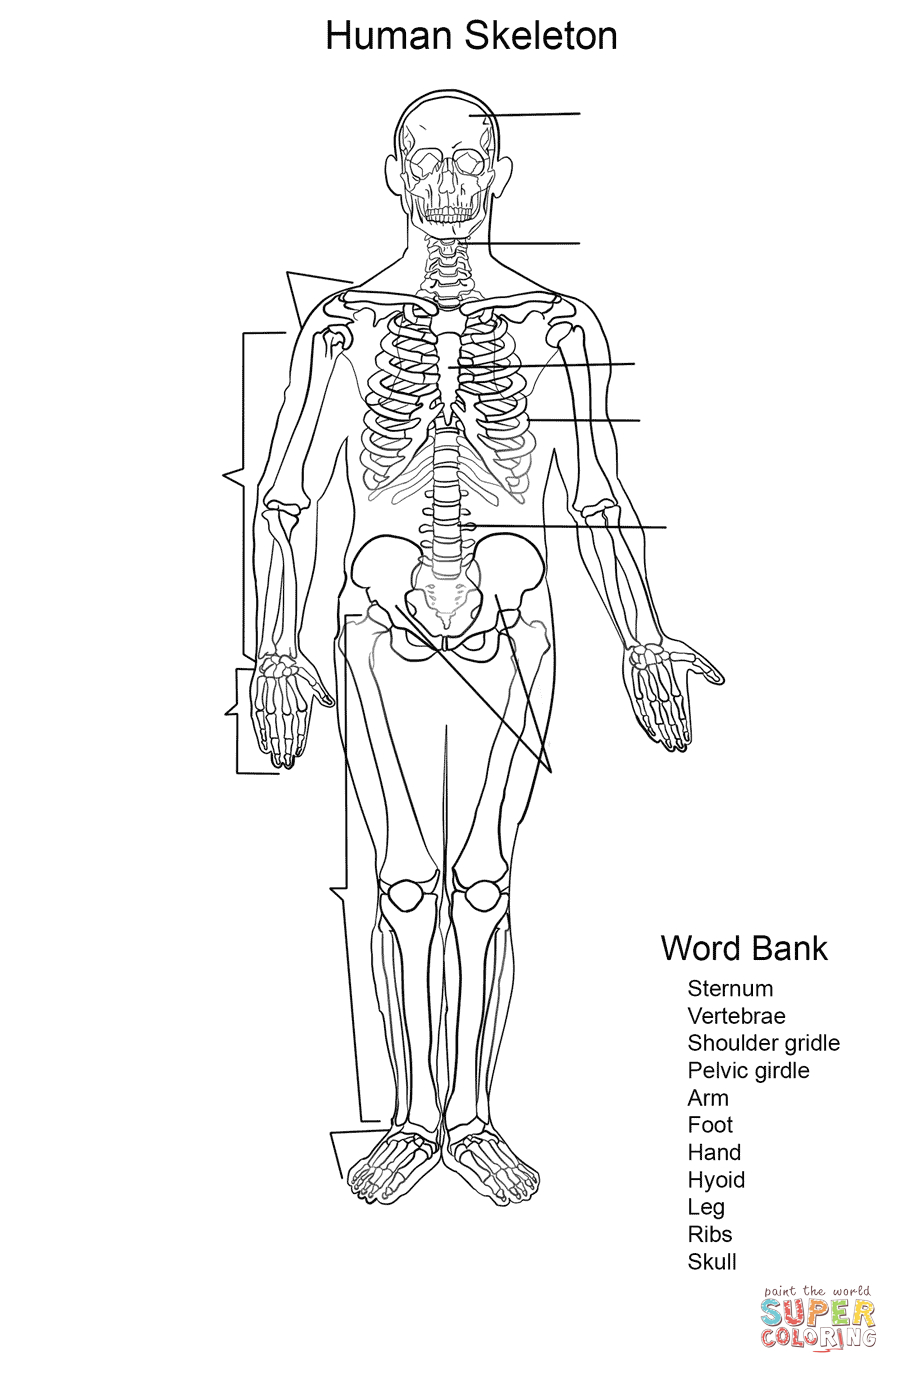 Human Skeleton Worksheet Coloring Page | Free Printable Coloring Pages | Human Skeleton Printable Worksheet